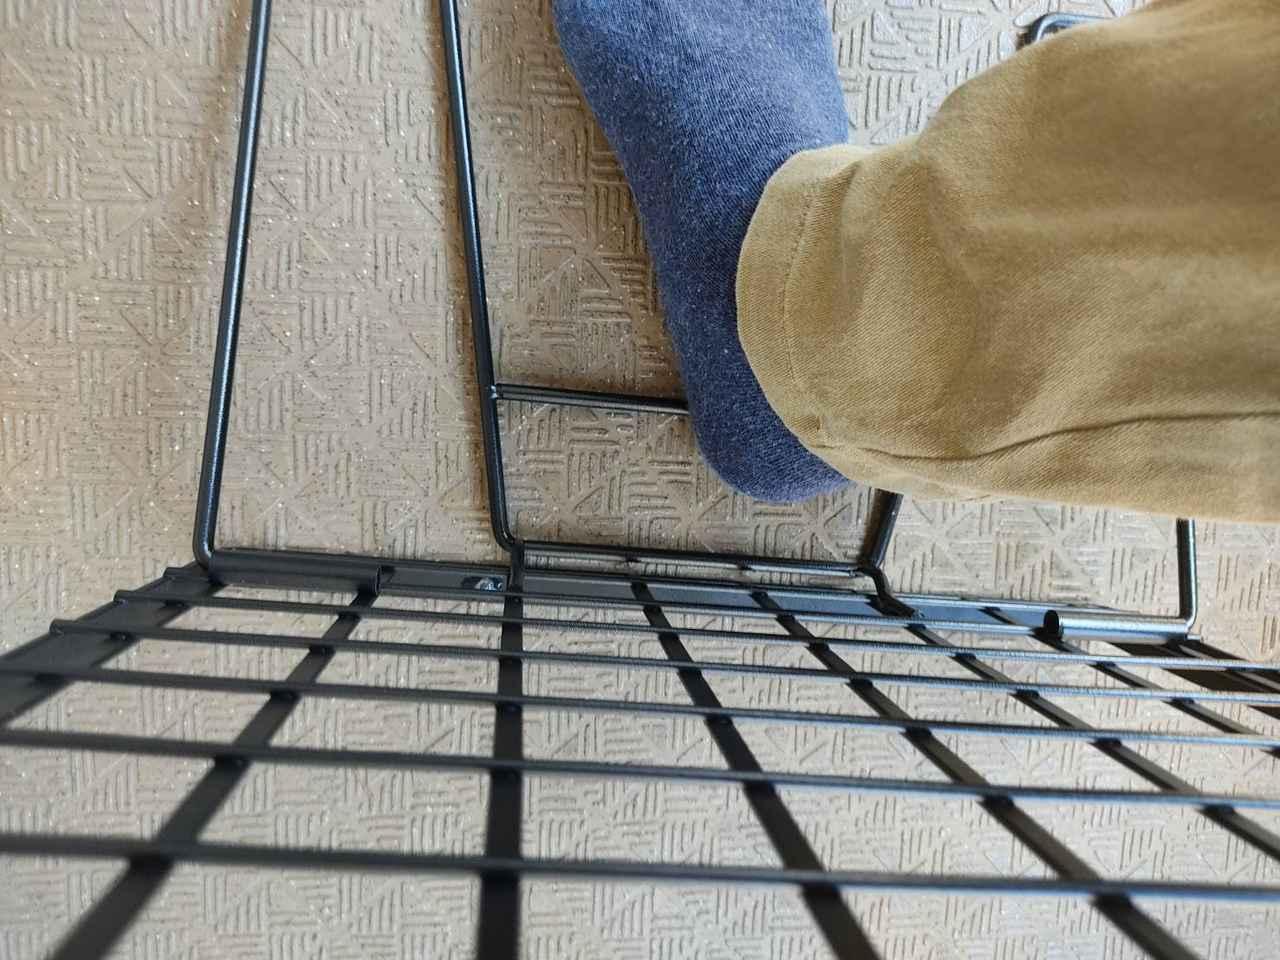 画像: 足でつまみに引っ掛けると楽 筆者撮影